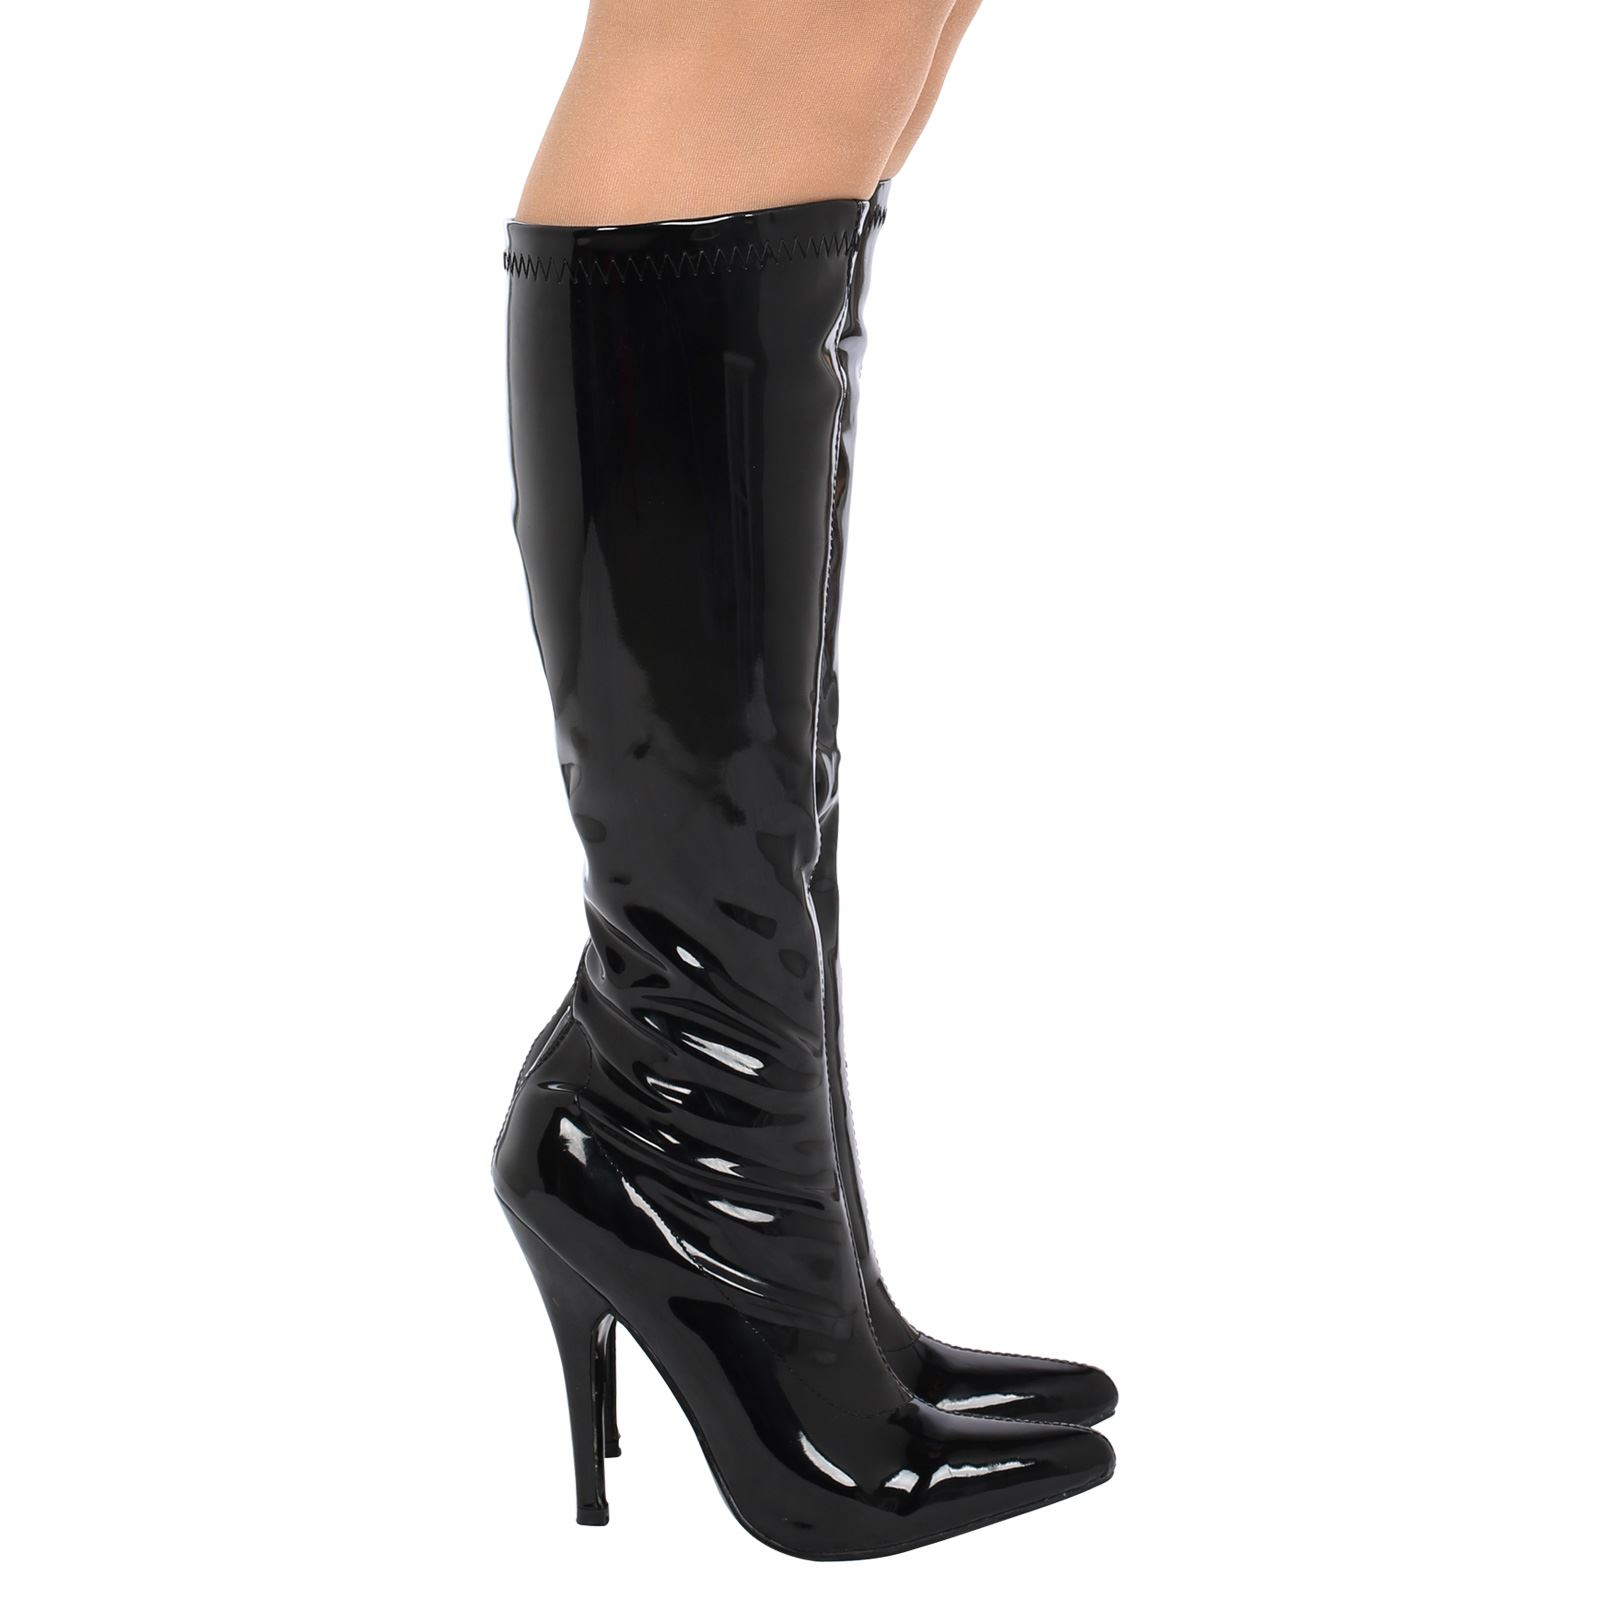 womens high stilettos heel mid calf knee high